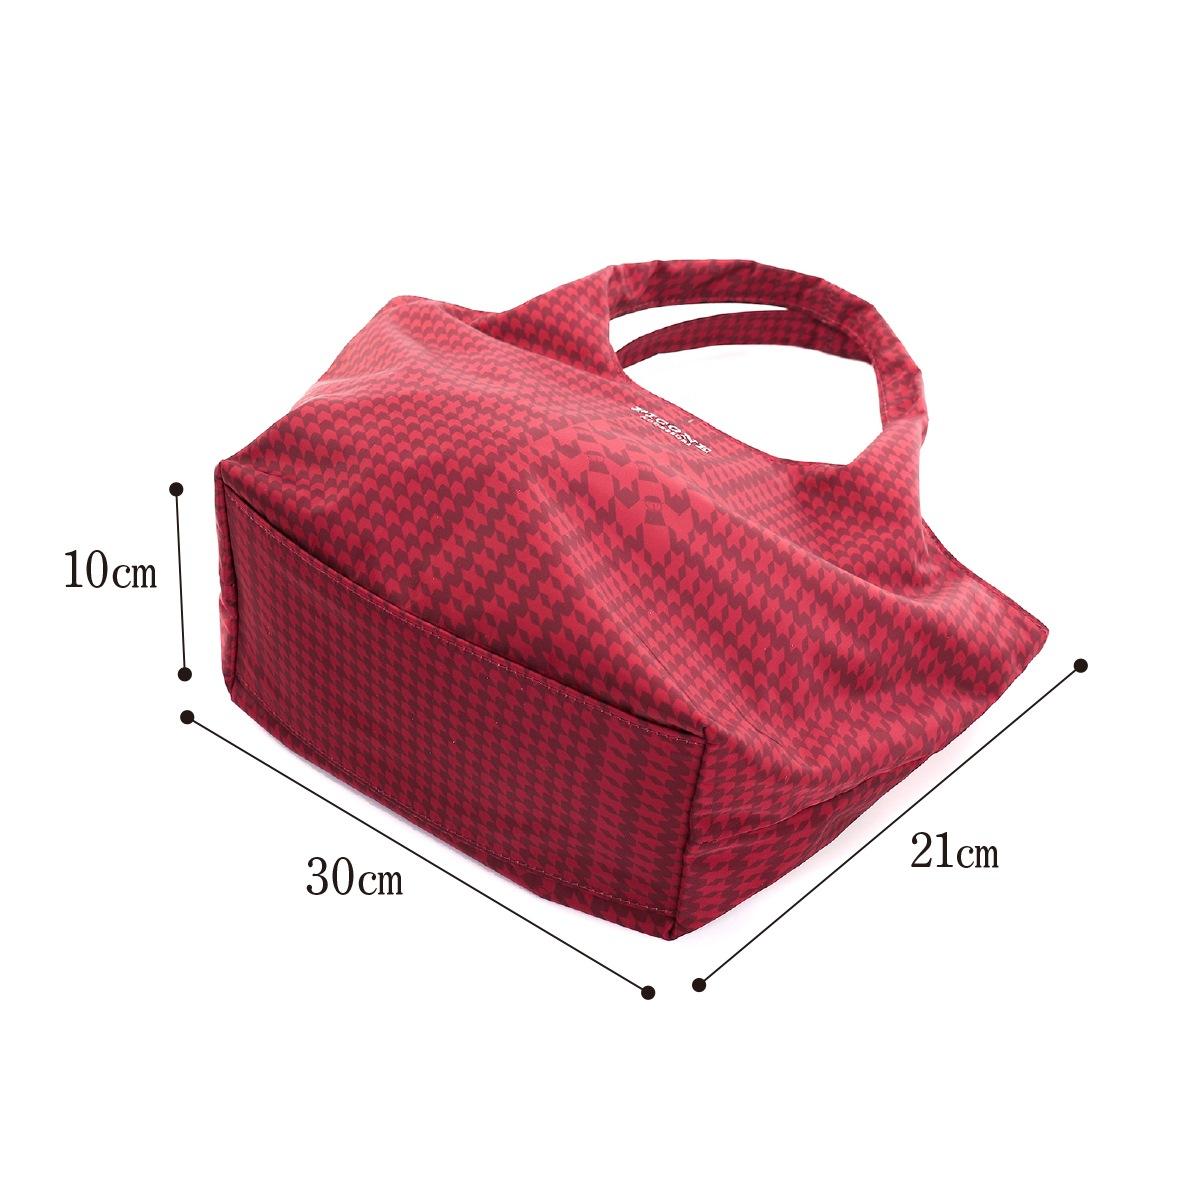 【新作】【送料無料】PICONE ピッコーネ トートバッグ ハンドバッグ 幅30×高さ21×マチ10 千鳥柄 マチ付 ポケット付きおしゃれ クラシカル モダン人気ブランド